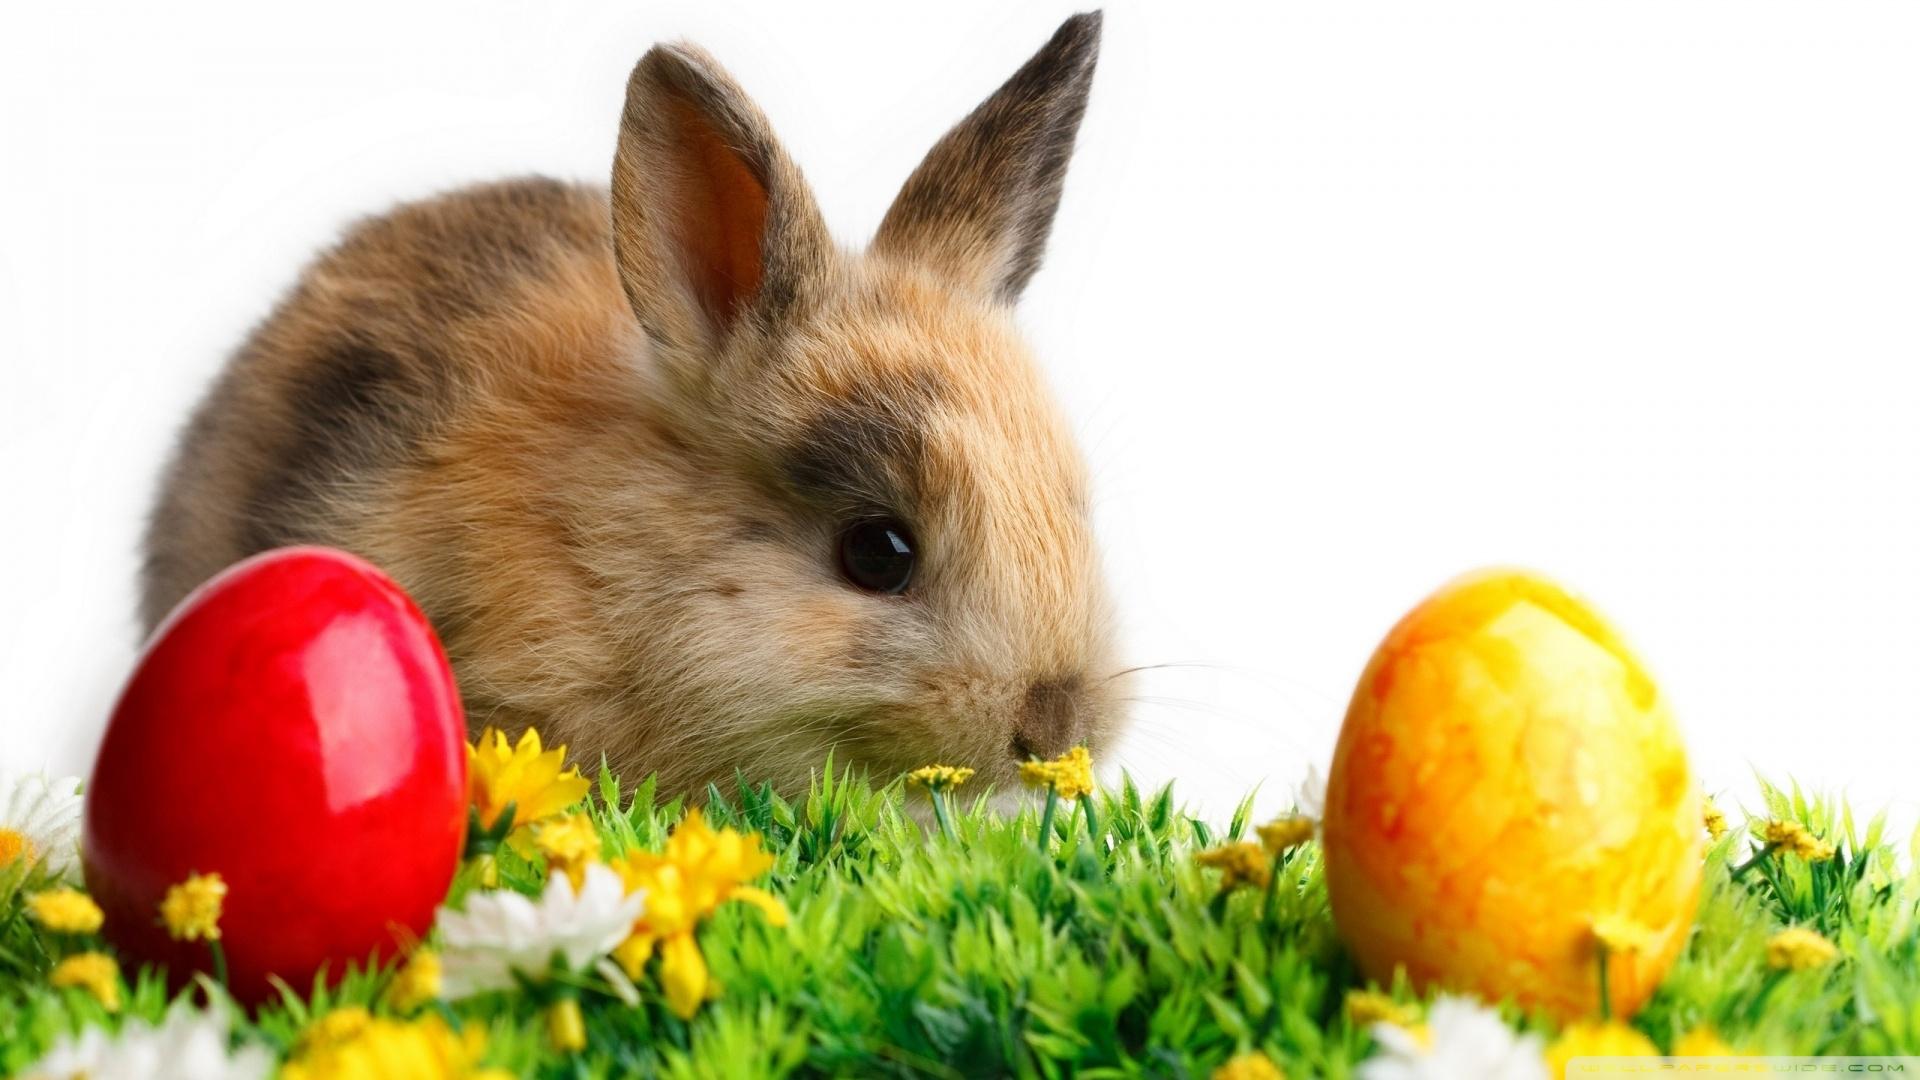 Easter Cute Rabbit Wallpaper 1920x1080 Easter Cute Rabbit 1920x1080